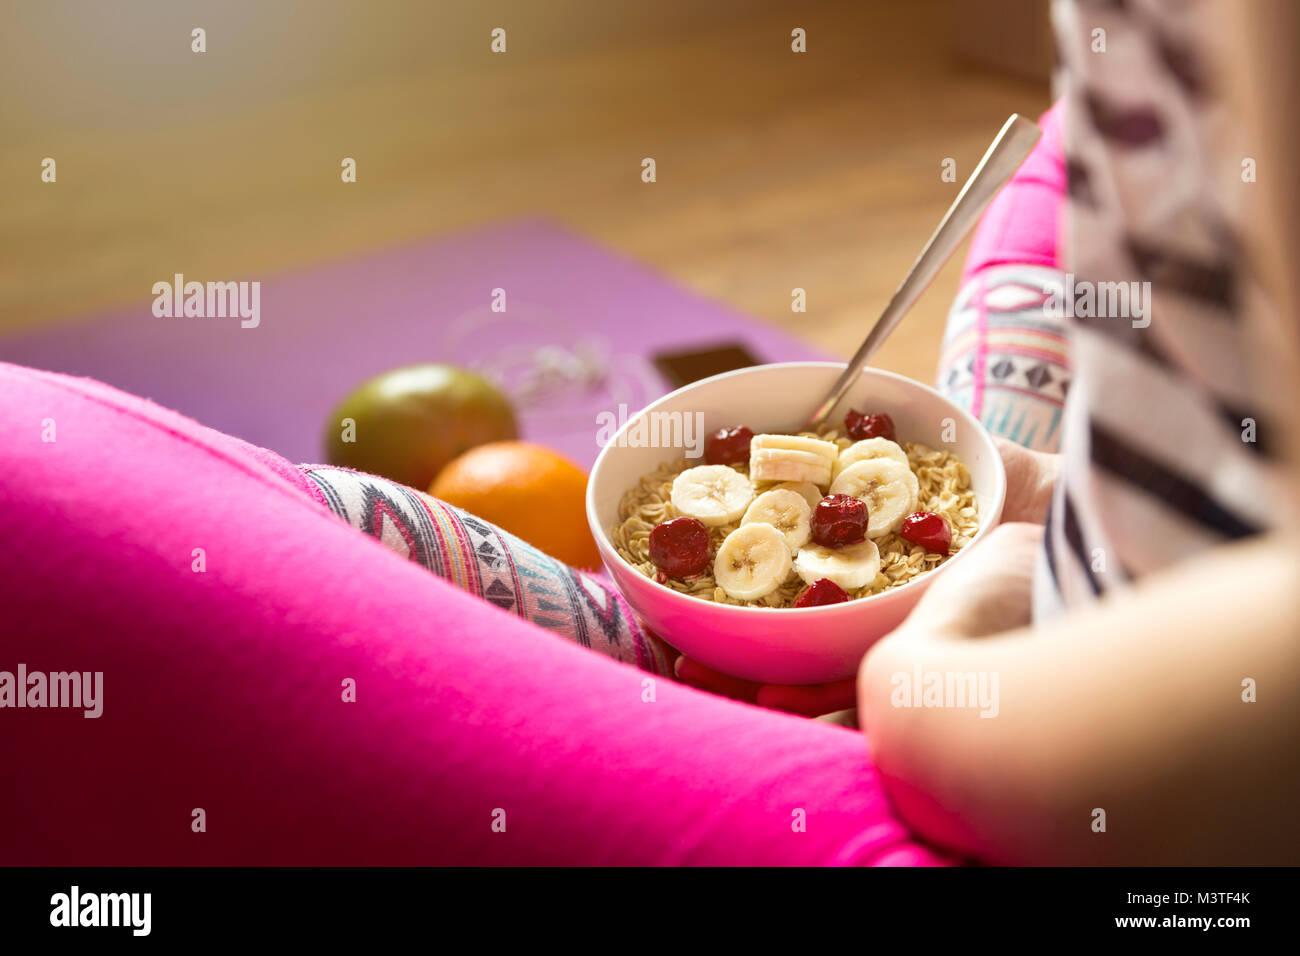 Junge Mädchen essen ein Müsli mit Beeren nach dem Workout. Fitness und gesunde Lebensweise. Stockbild